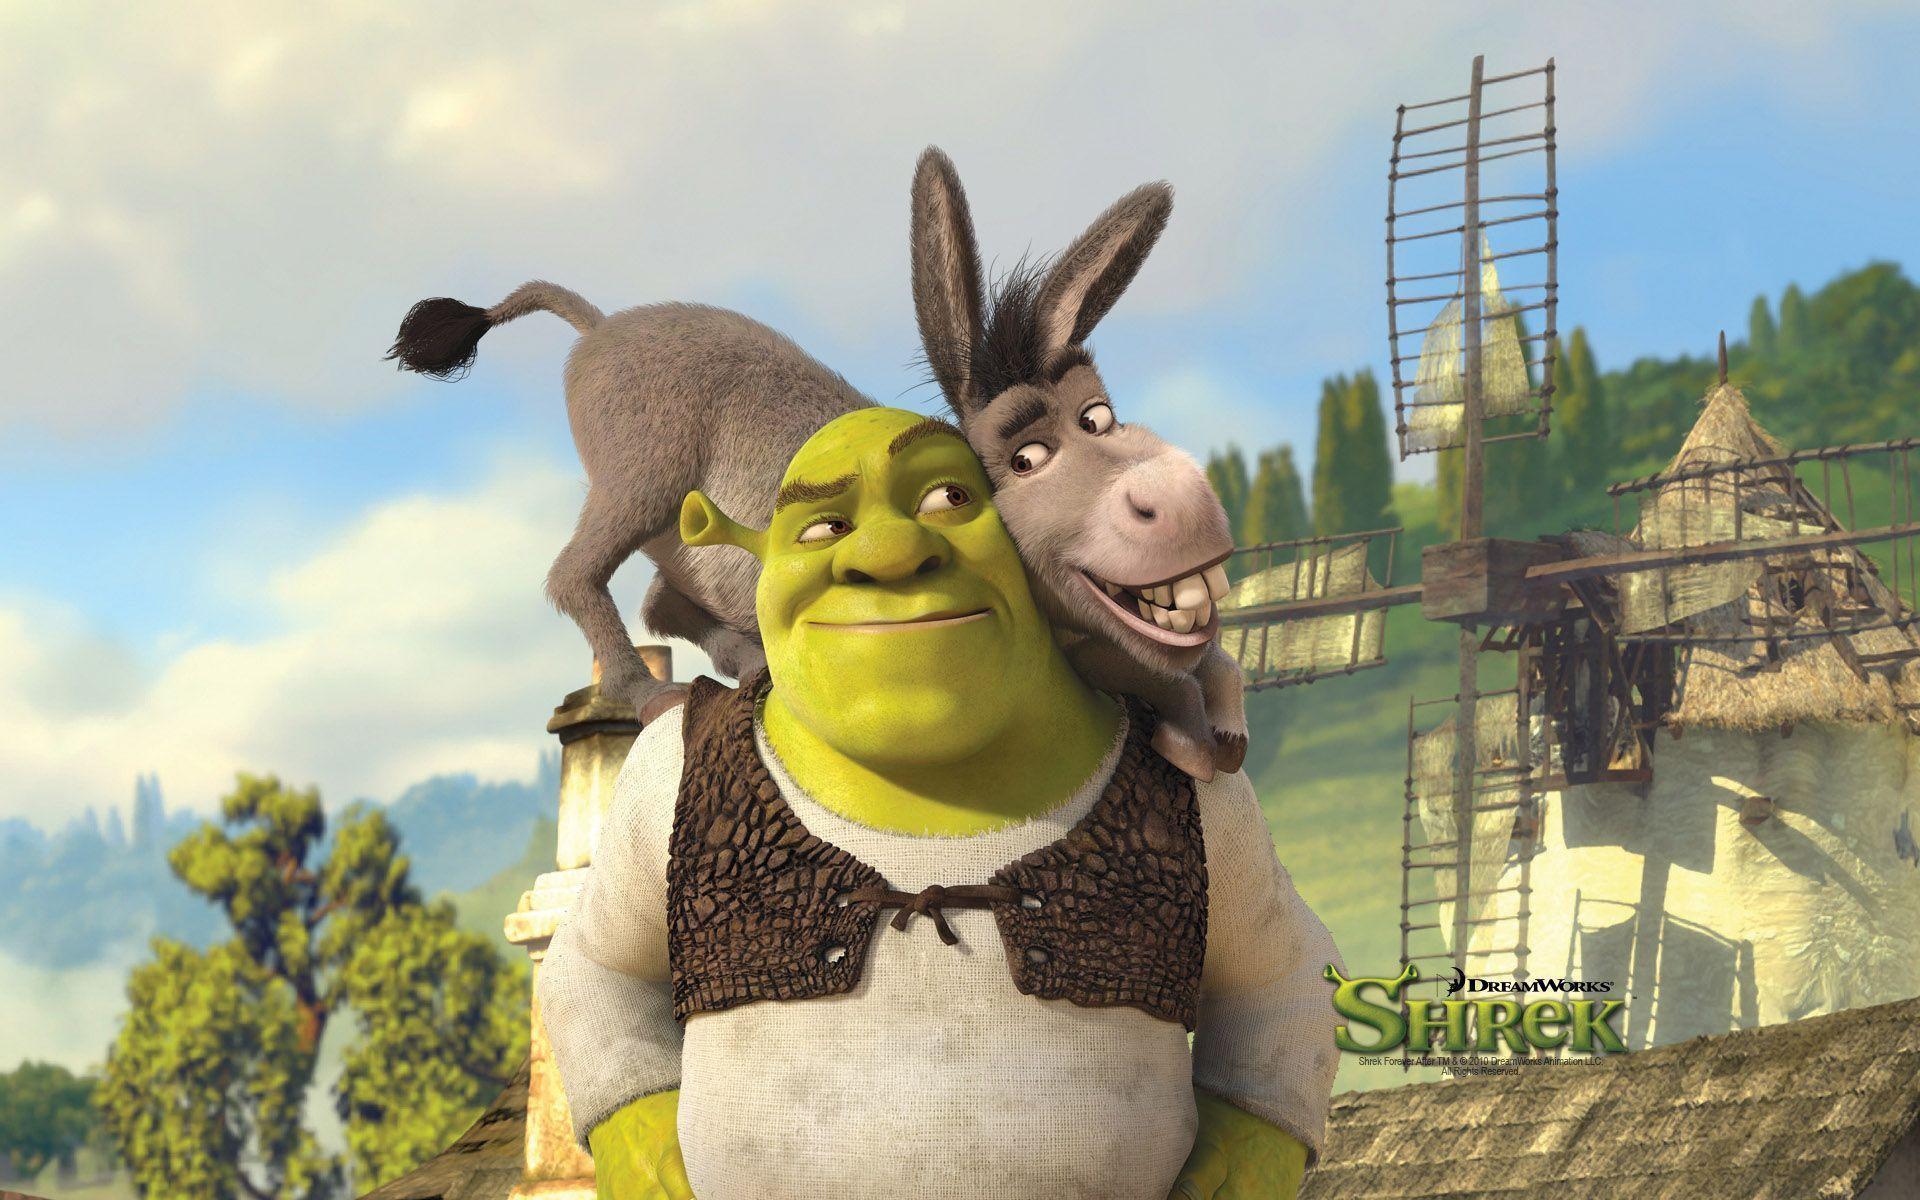 Shrek 2 Wallpapers - Wallpaper Cave